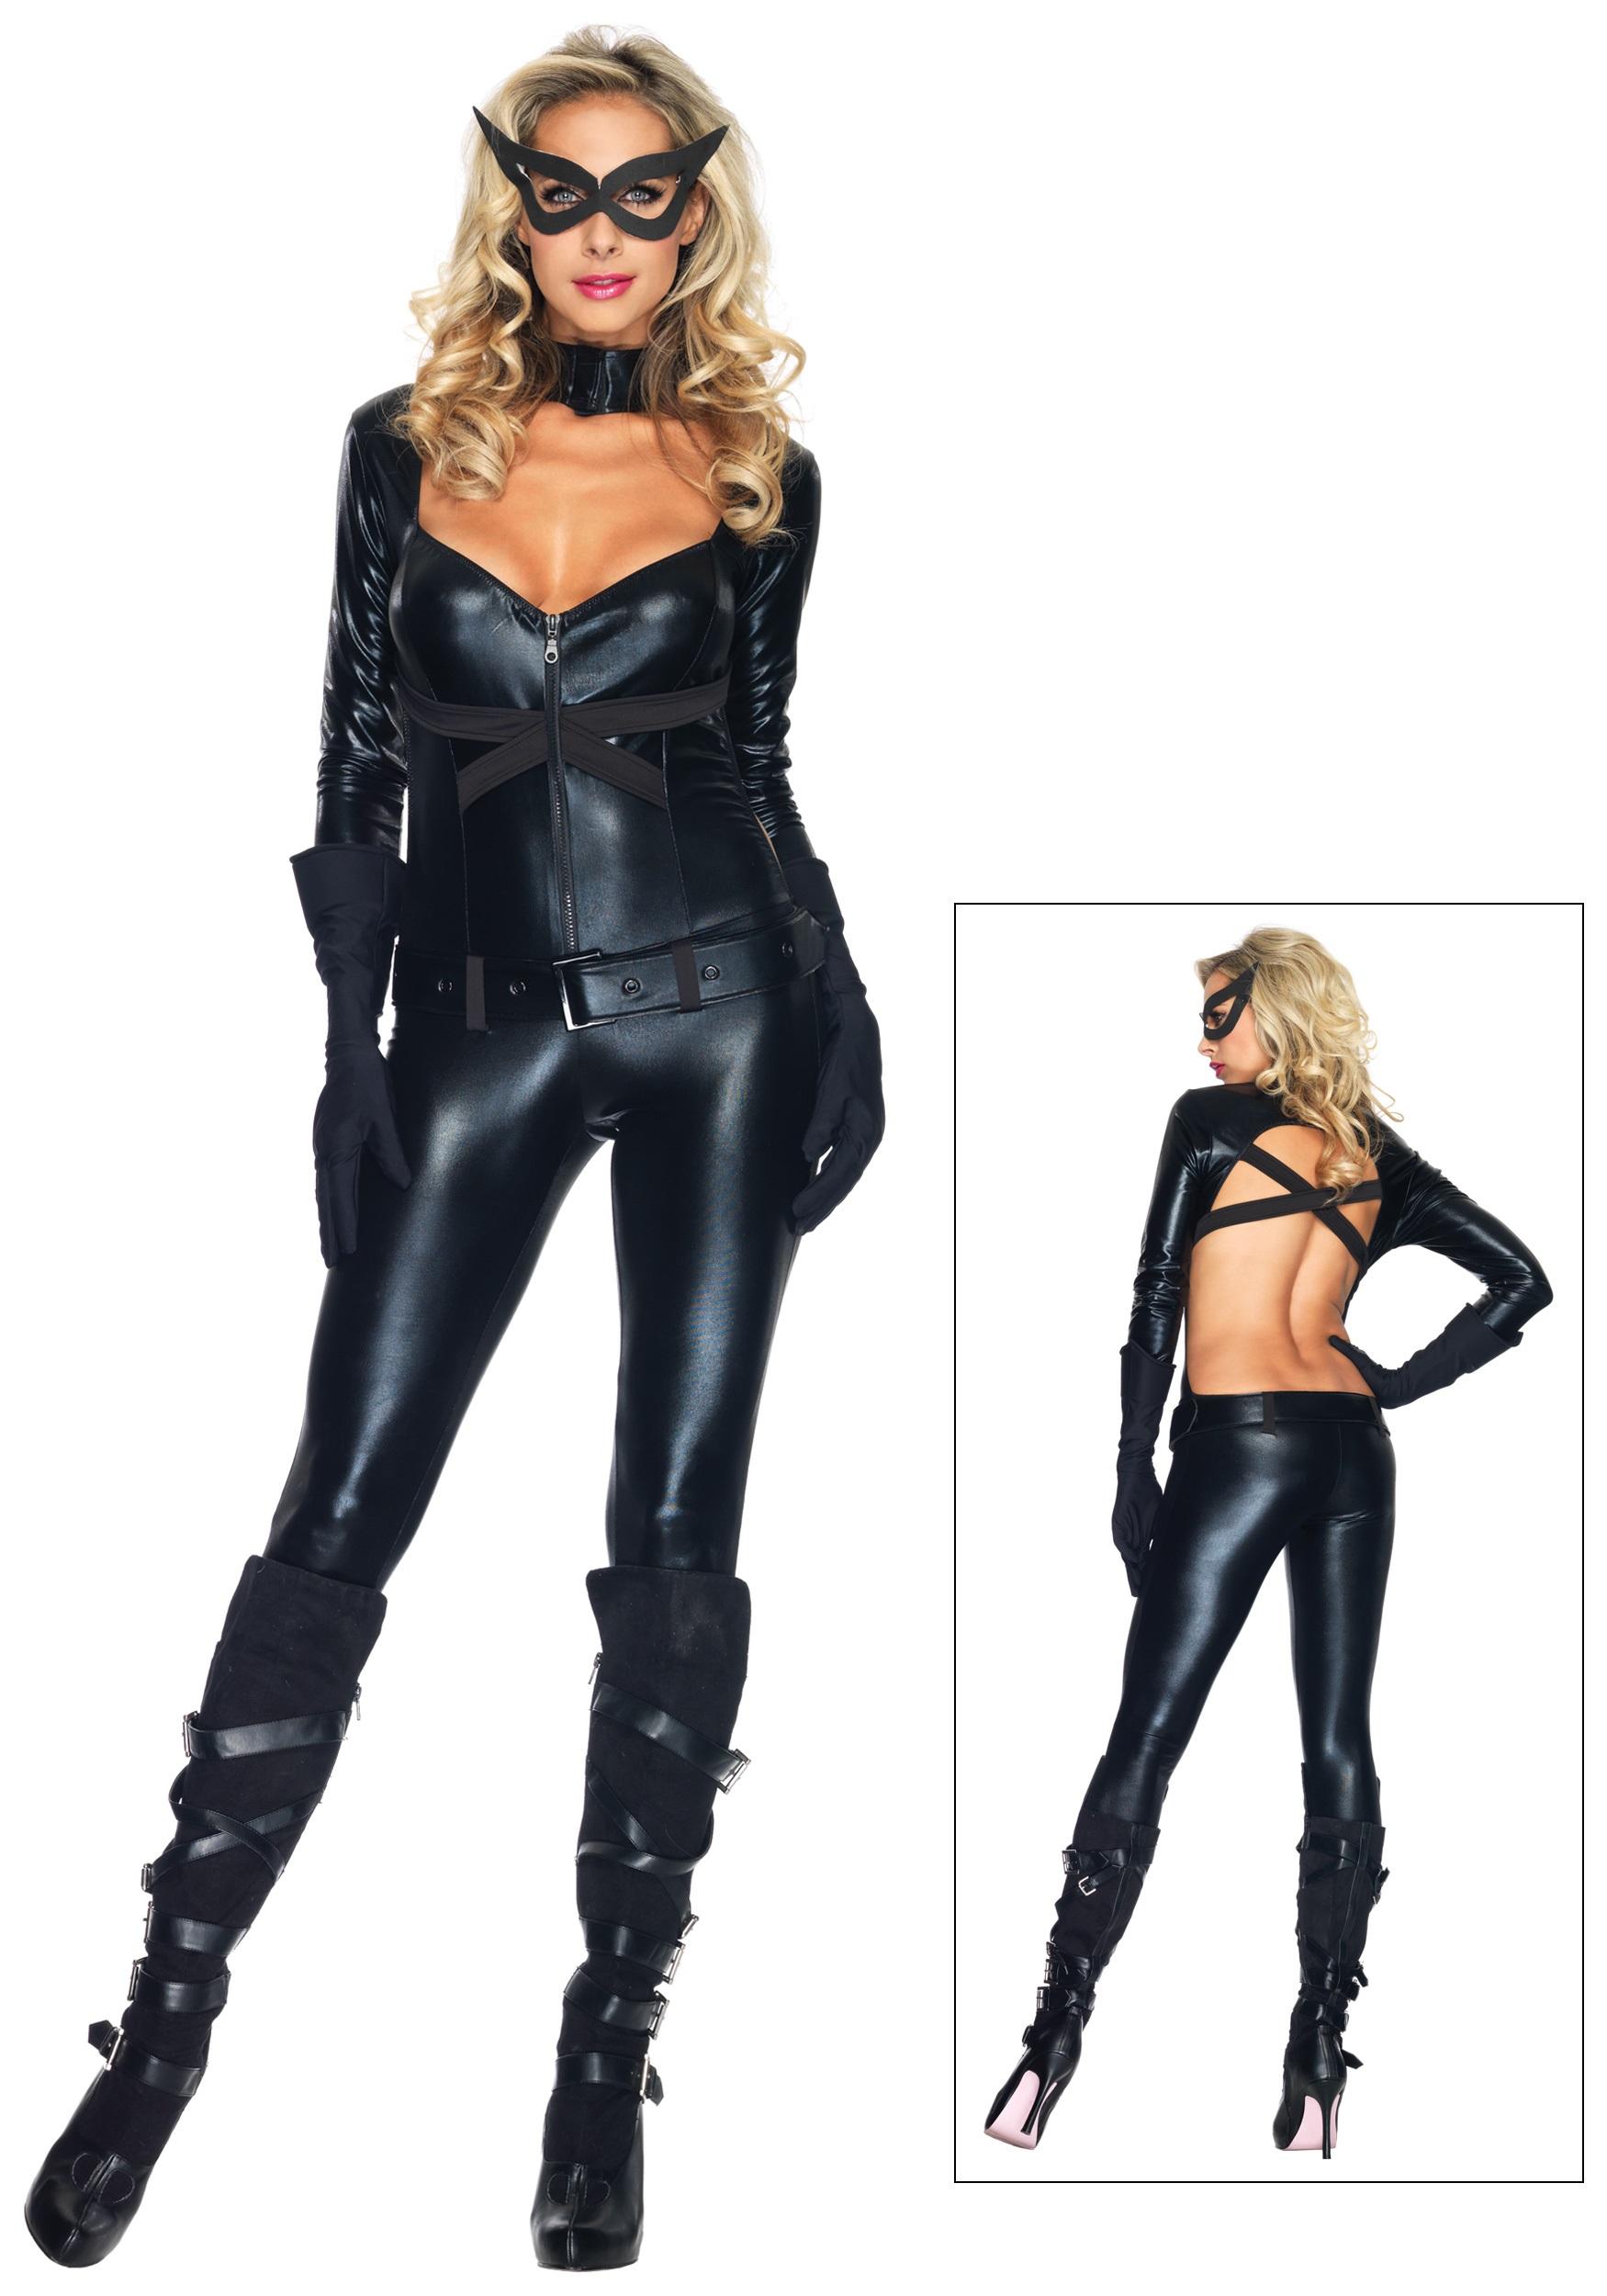 Womenu0027s Black Cat Girl Costume  sc 1 st  Fun.com & Black Cat Girl Costume for Women